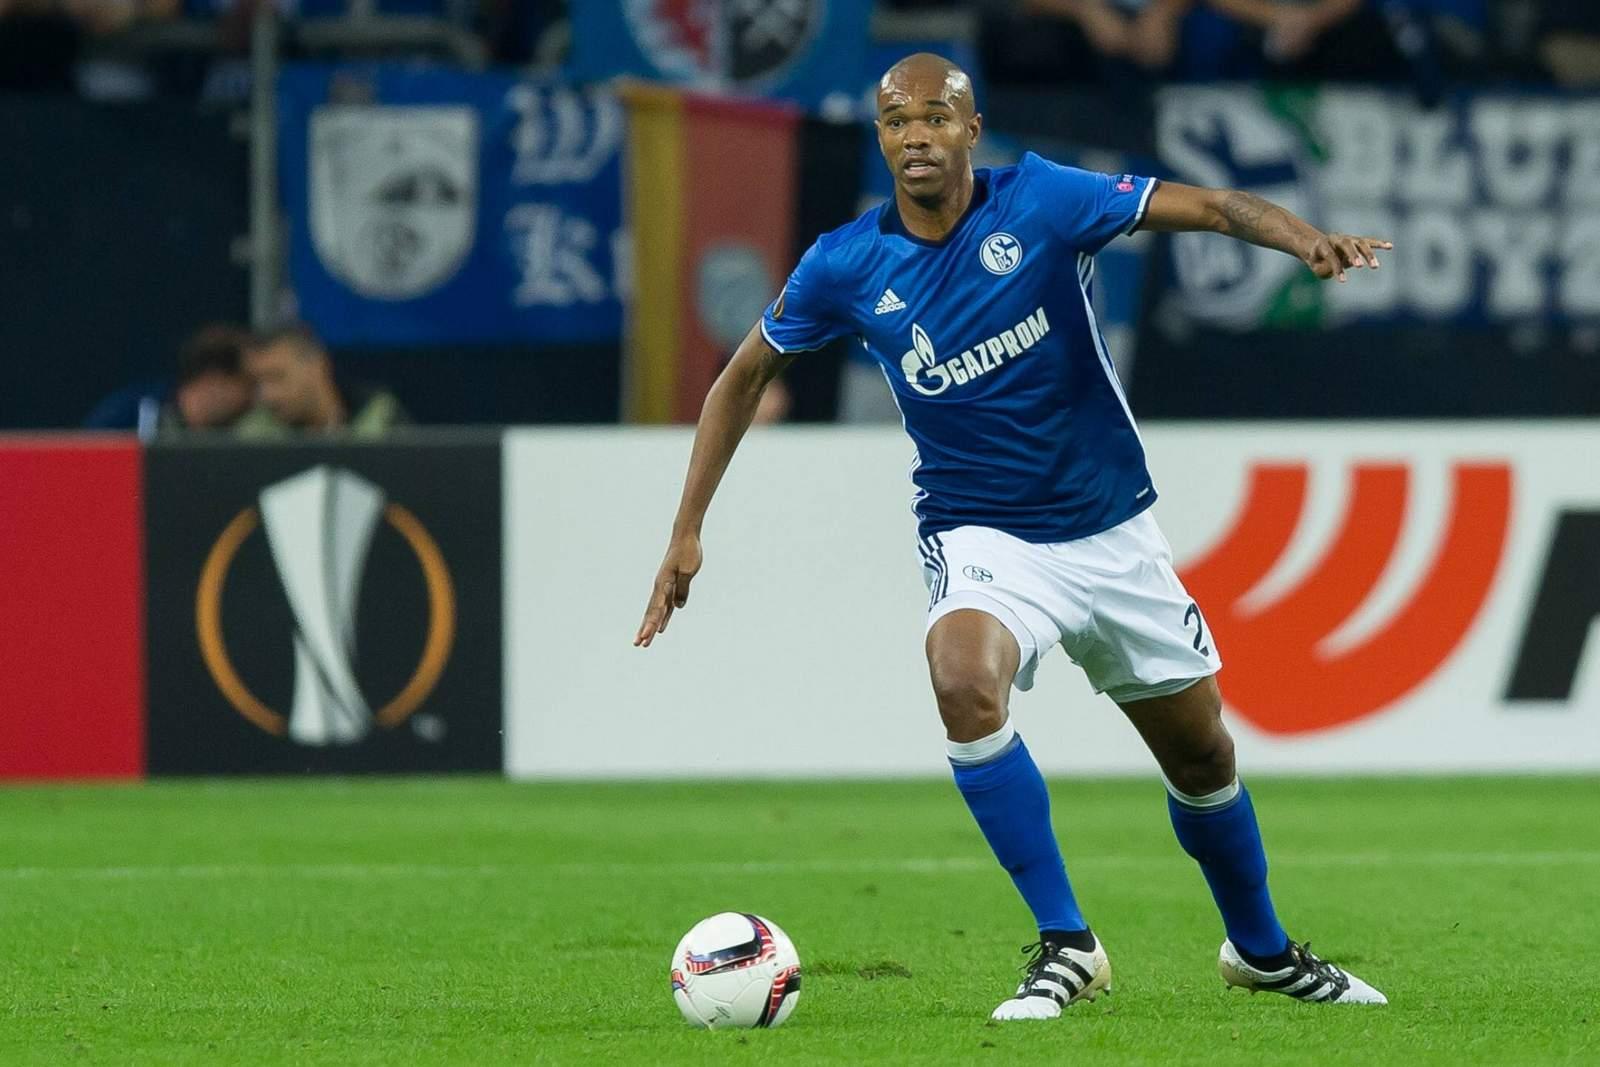 Führt Naldo S04 zum Sieg? Jetzt auf Schalke gegen Porto wetten